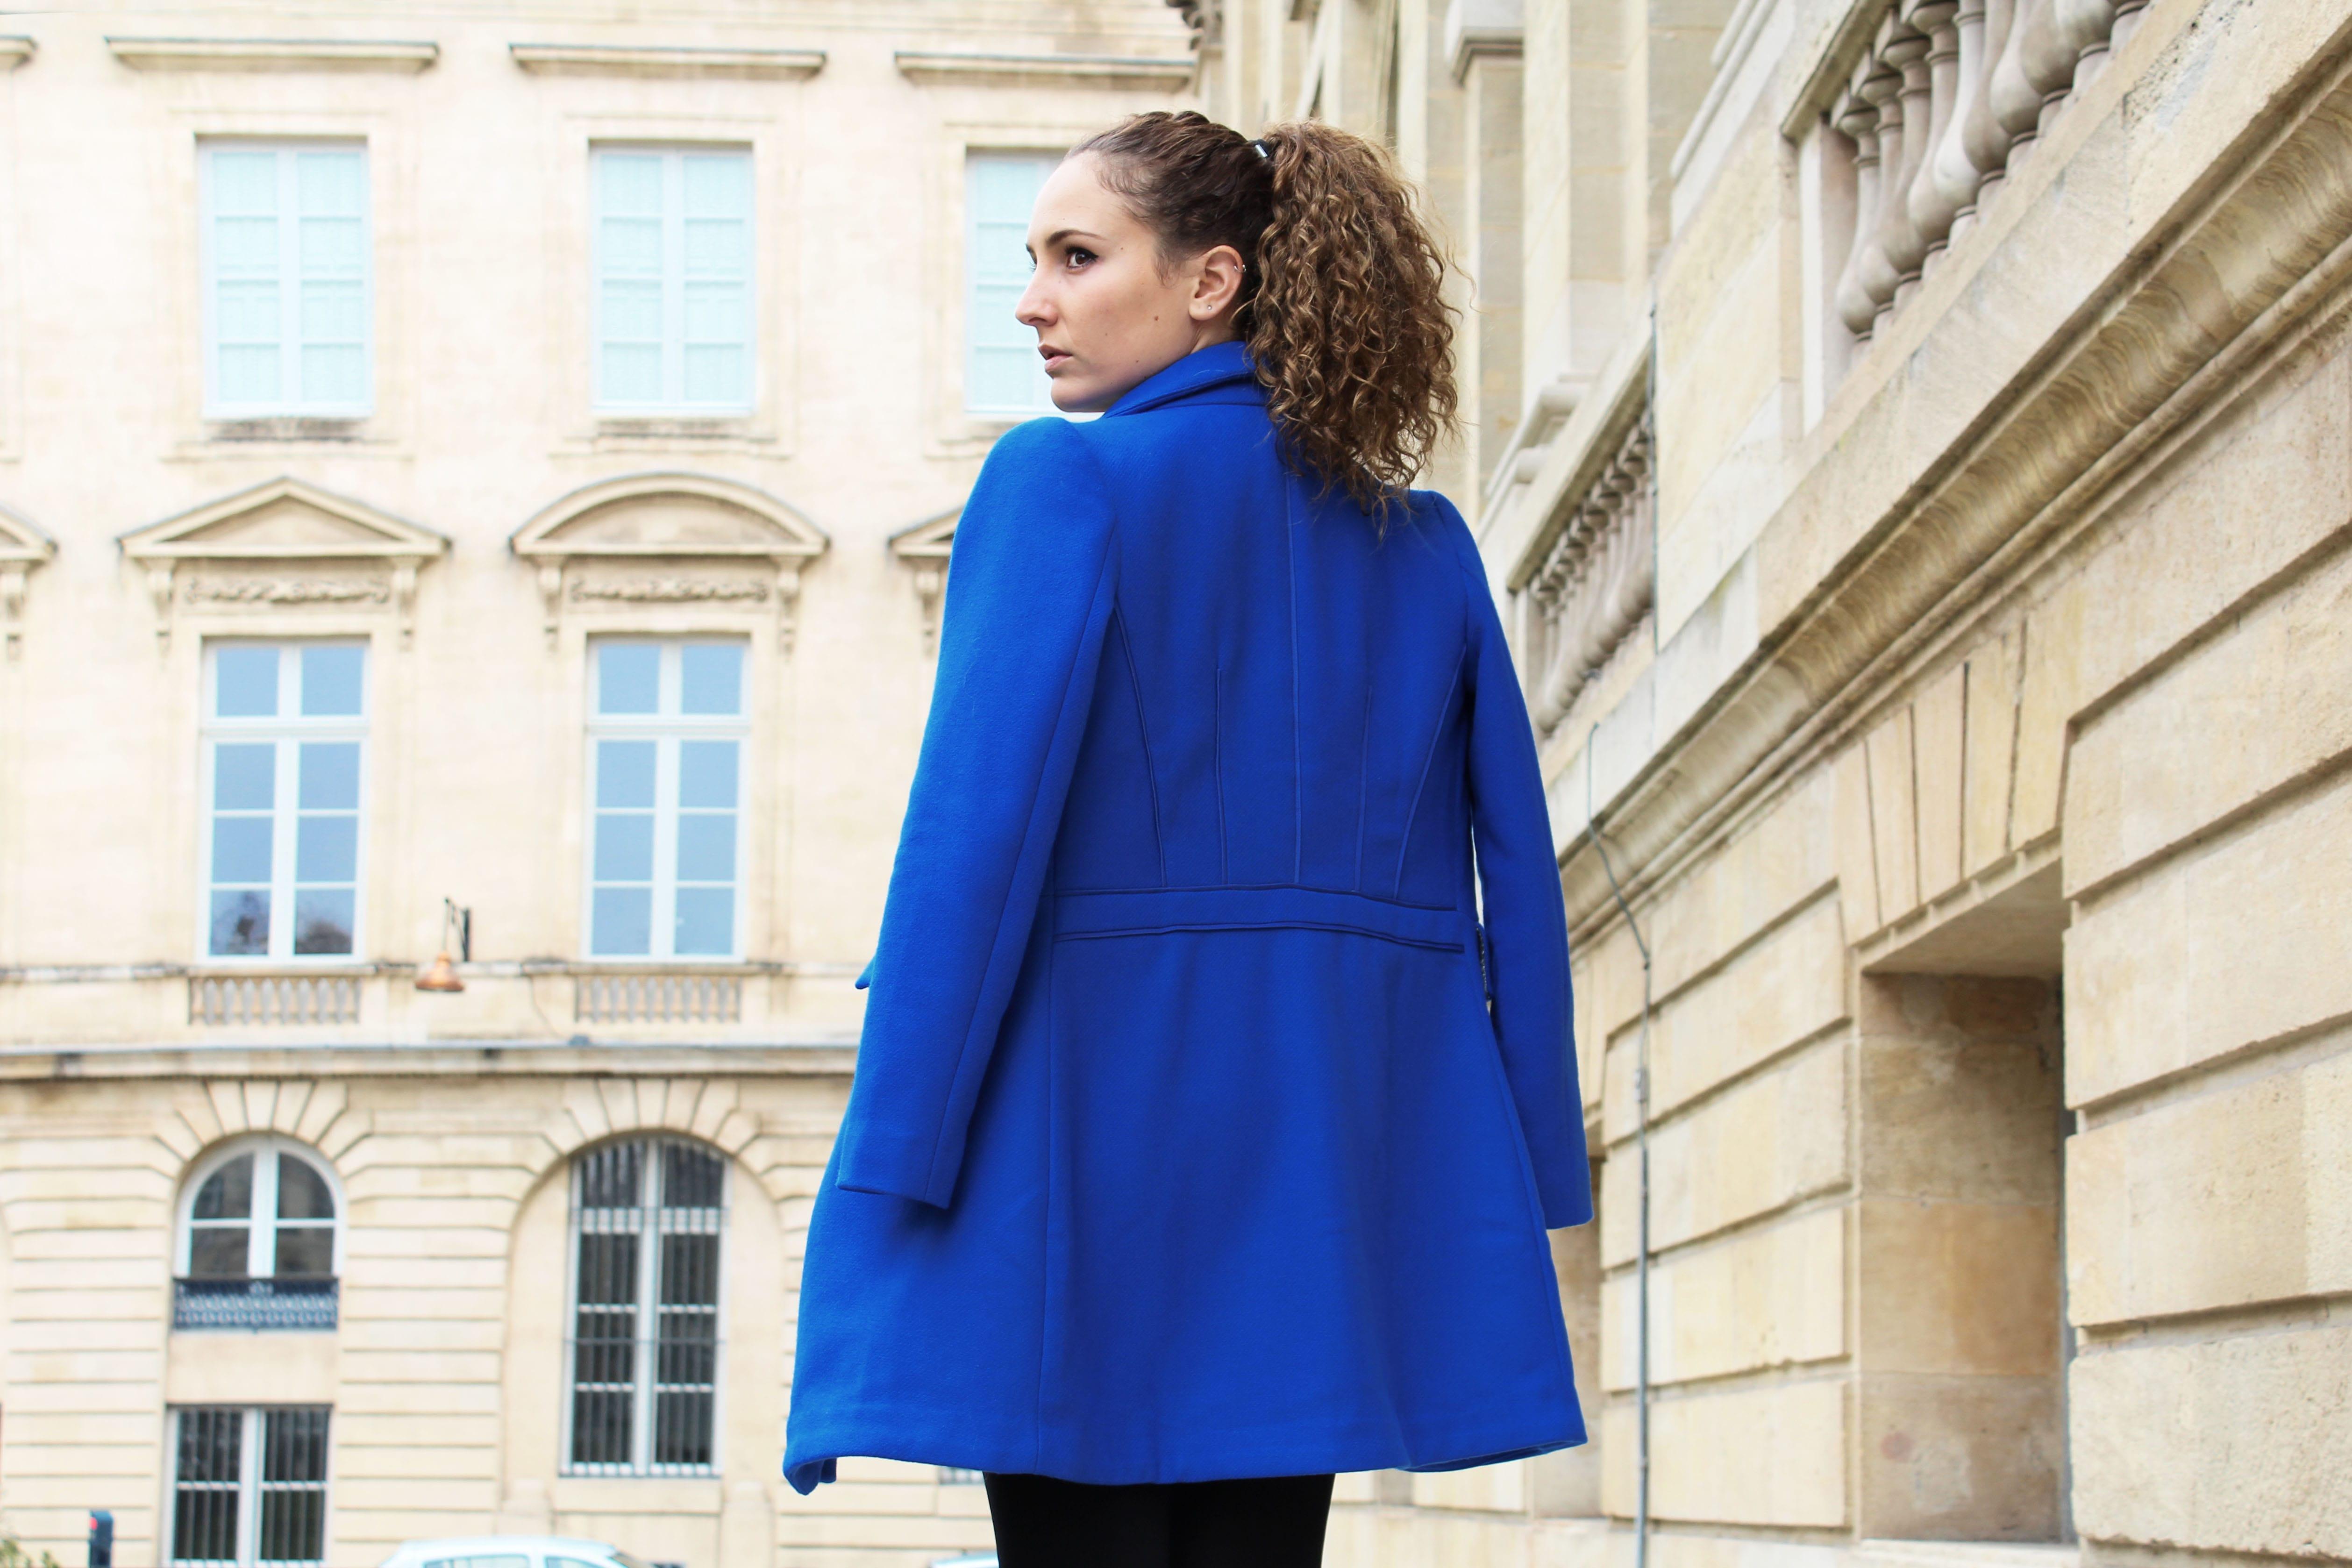 bas prix 4a493 4d050 Mode féminine : le manteau bleu électrique